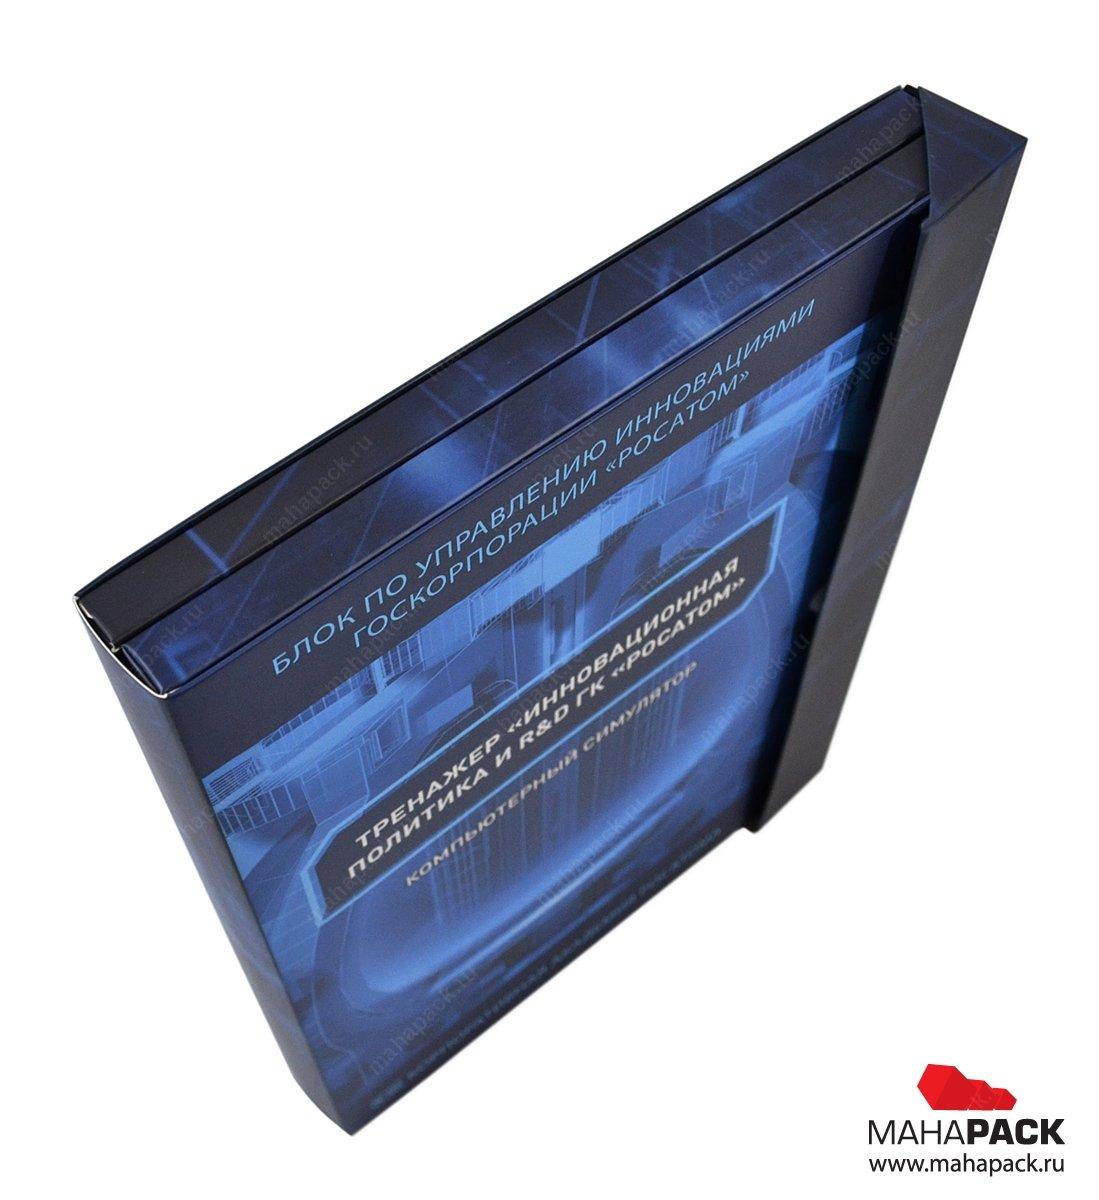 Картонная упаковка с треугольным клапаном